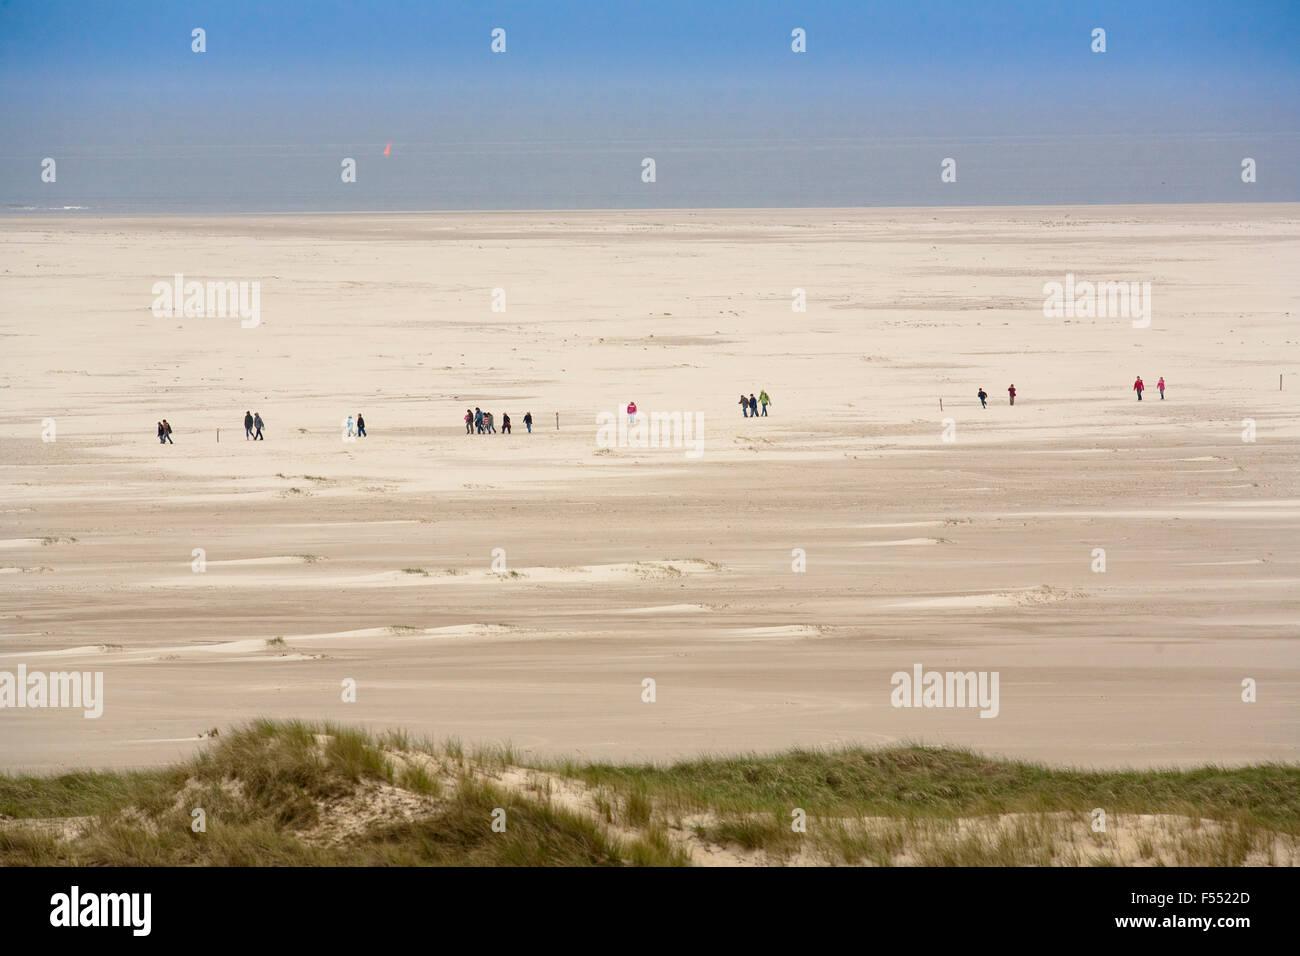 Deu, Deutschland, Schleswig-Holstein, Nordsee, Insel Amrum, Spaziergänger am Strand kniepsand in der Nähe Stockbild